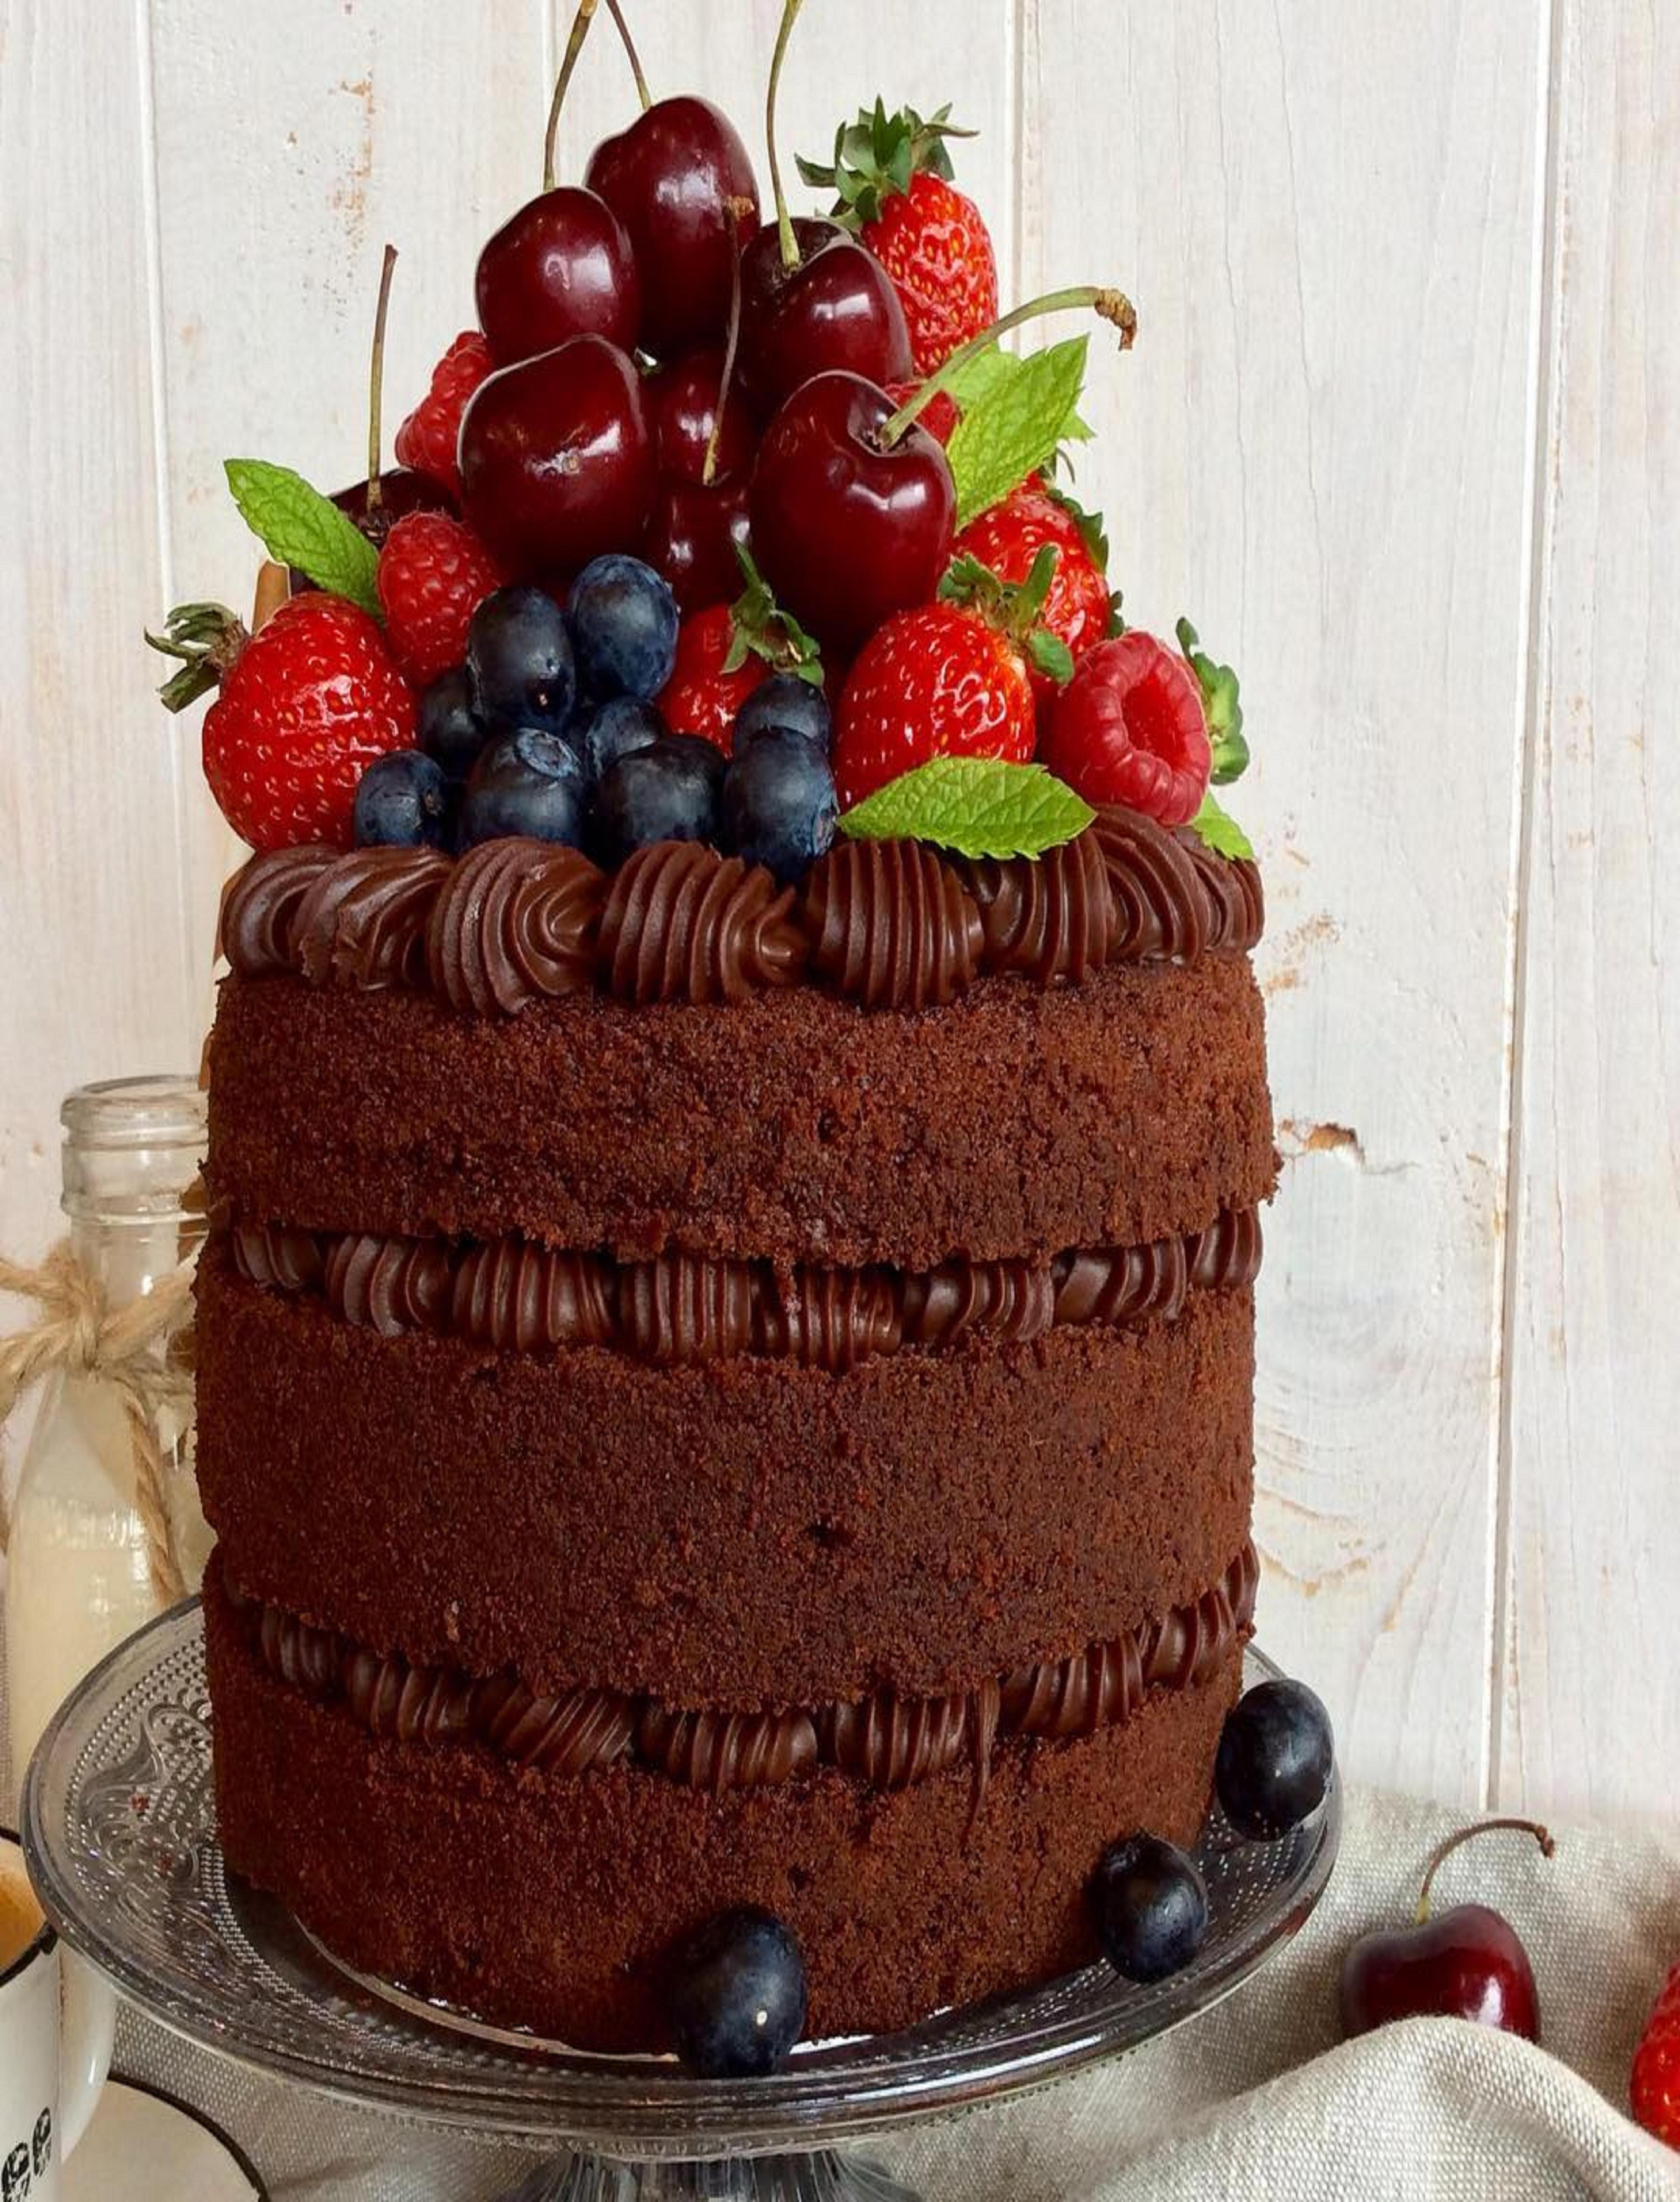 Pin by ivanka kostova on храна Food, Chocolate layer